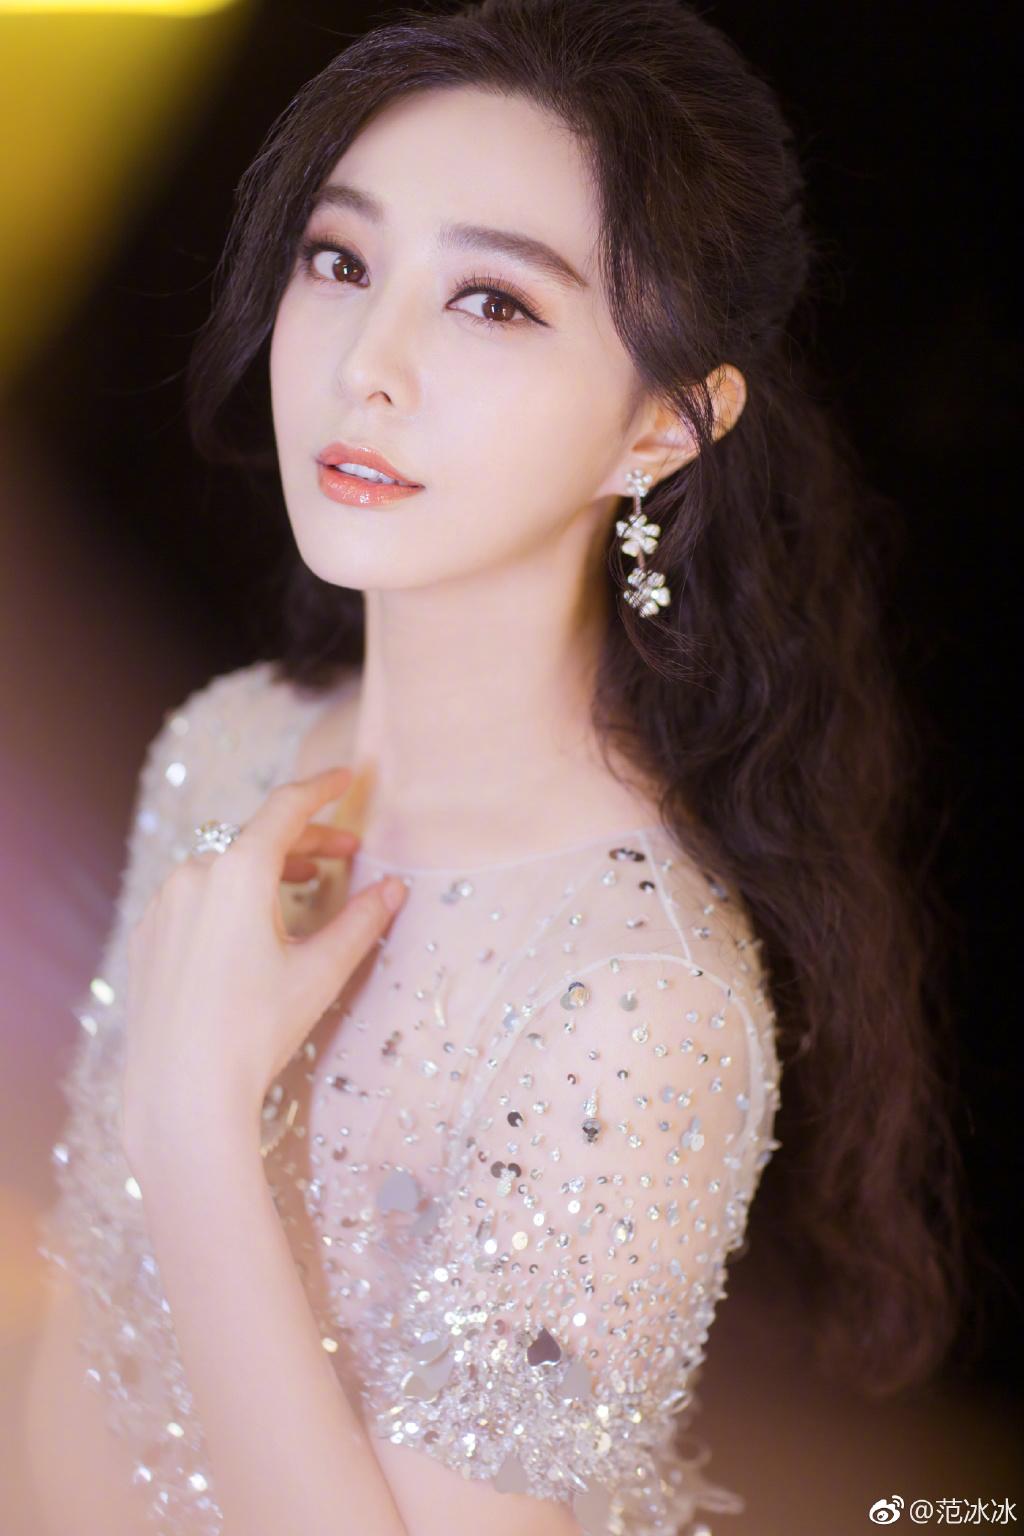 Từng là a hoàn cho Lâm Tâm Như, nhưng giờ đây họ đều là những nữ hoàng rating của màn ảnh Hoa ngữ - Ảnh 2